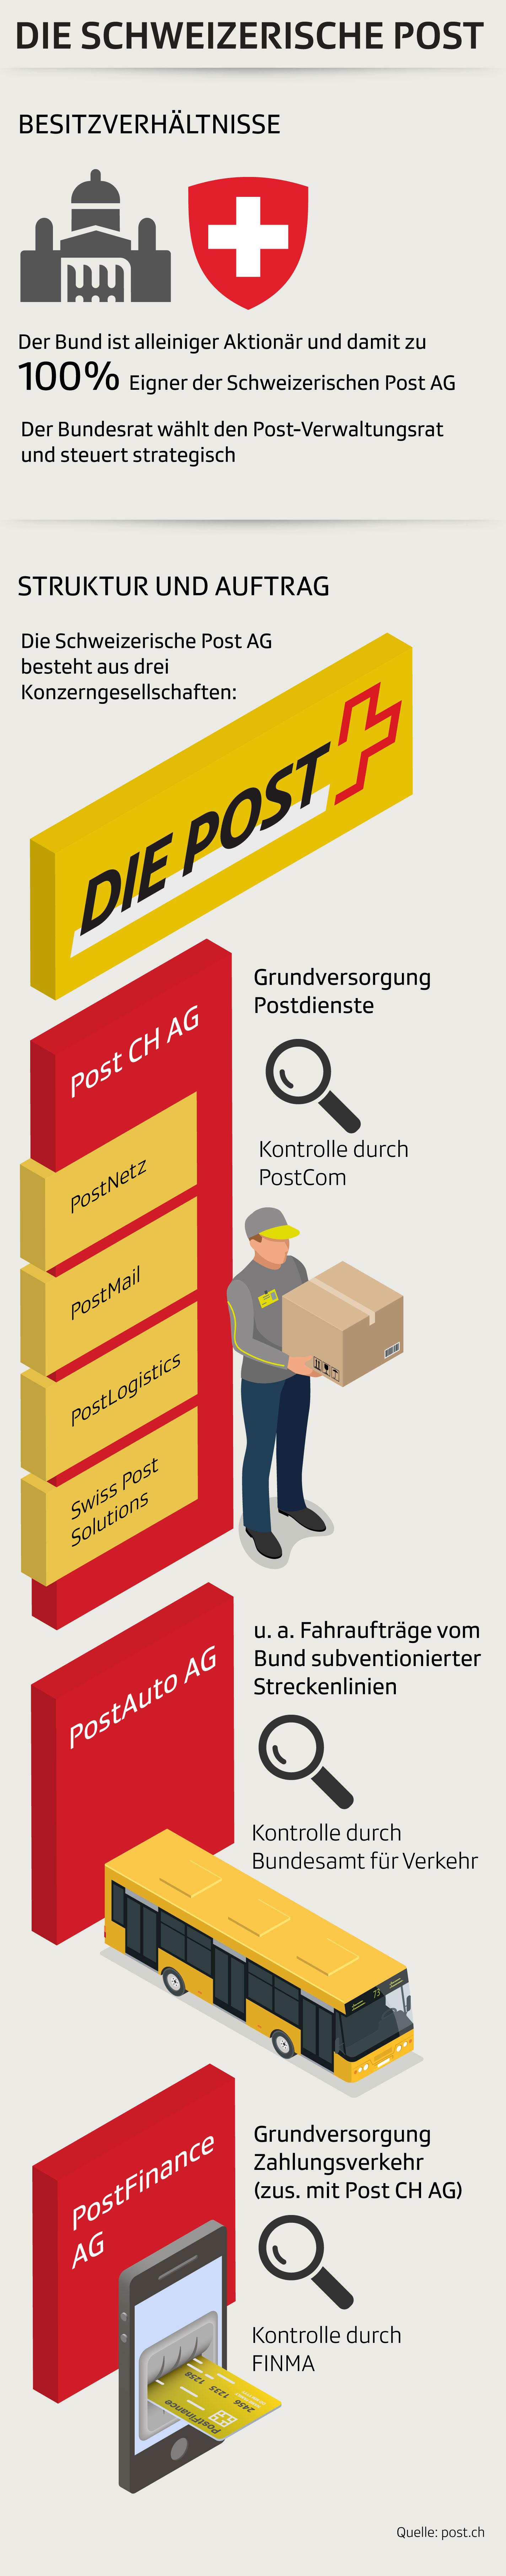 Die Post – Besitzverhältnisse und Auftrag